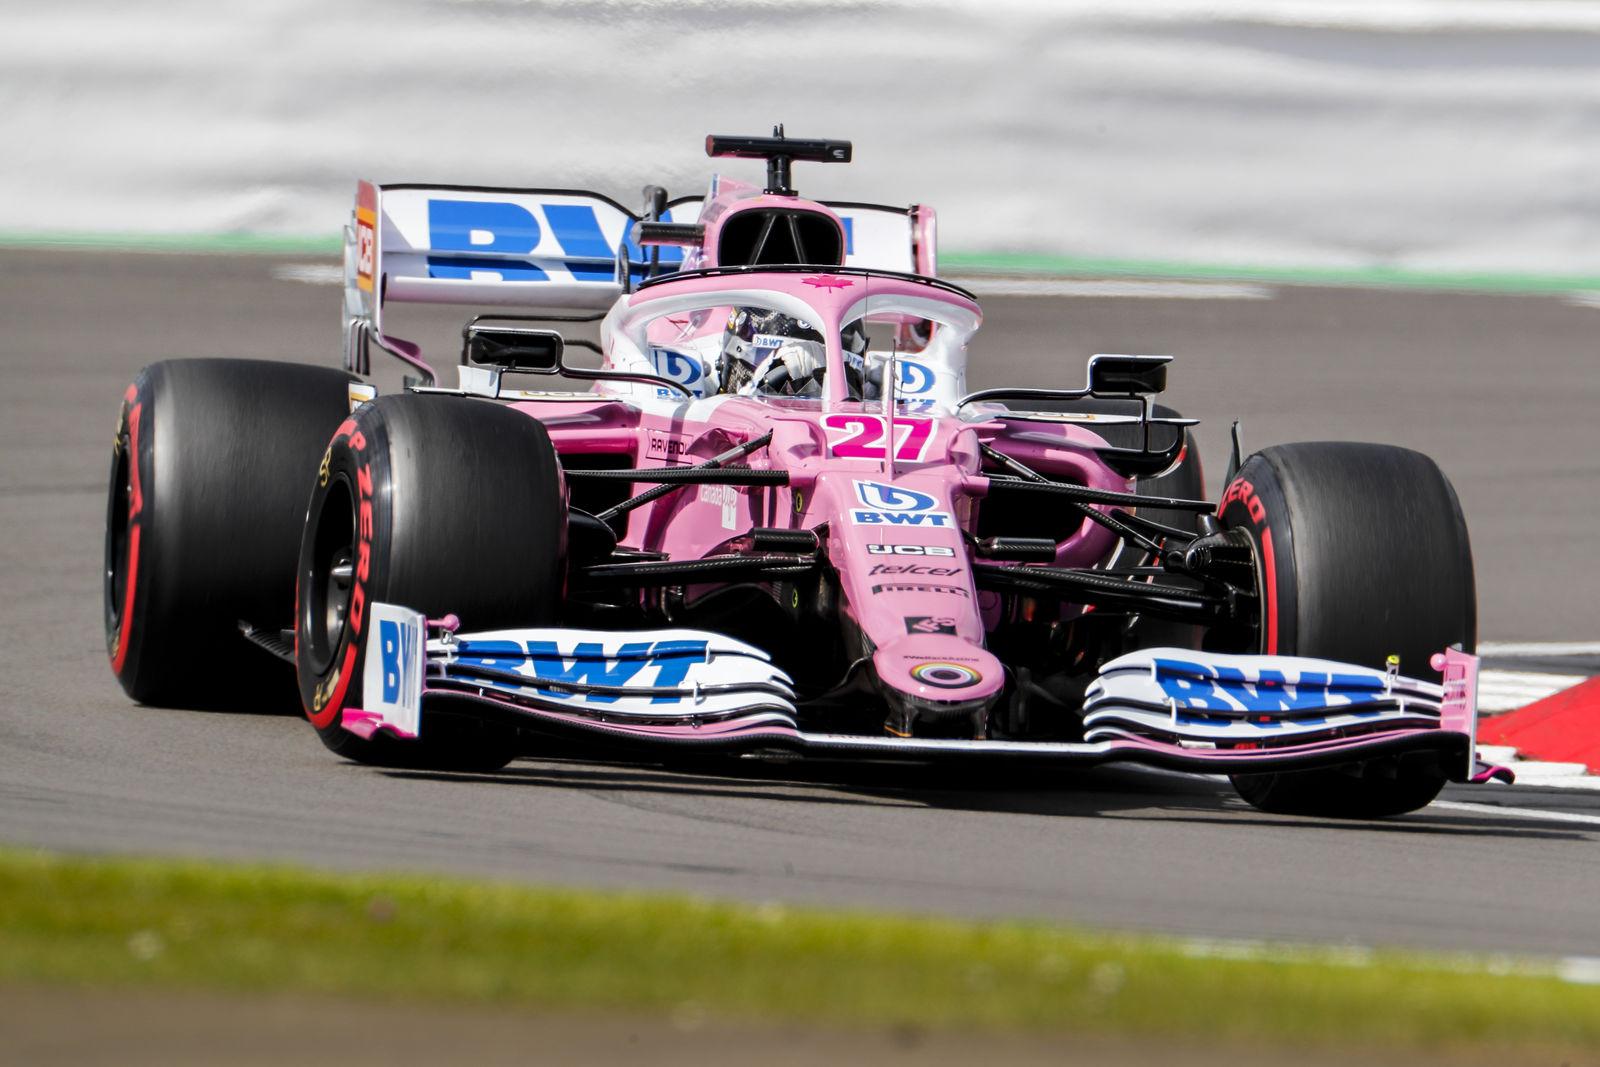 F1 - Après huit mois d'absence, Hülkenberg est fier de sa prestation en qualifs ce samedi